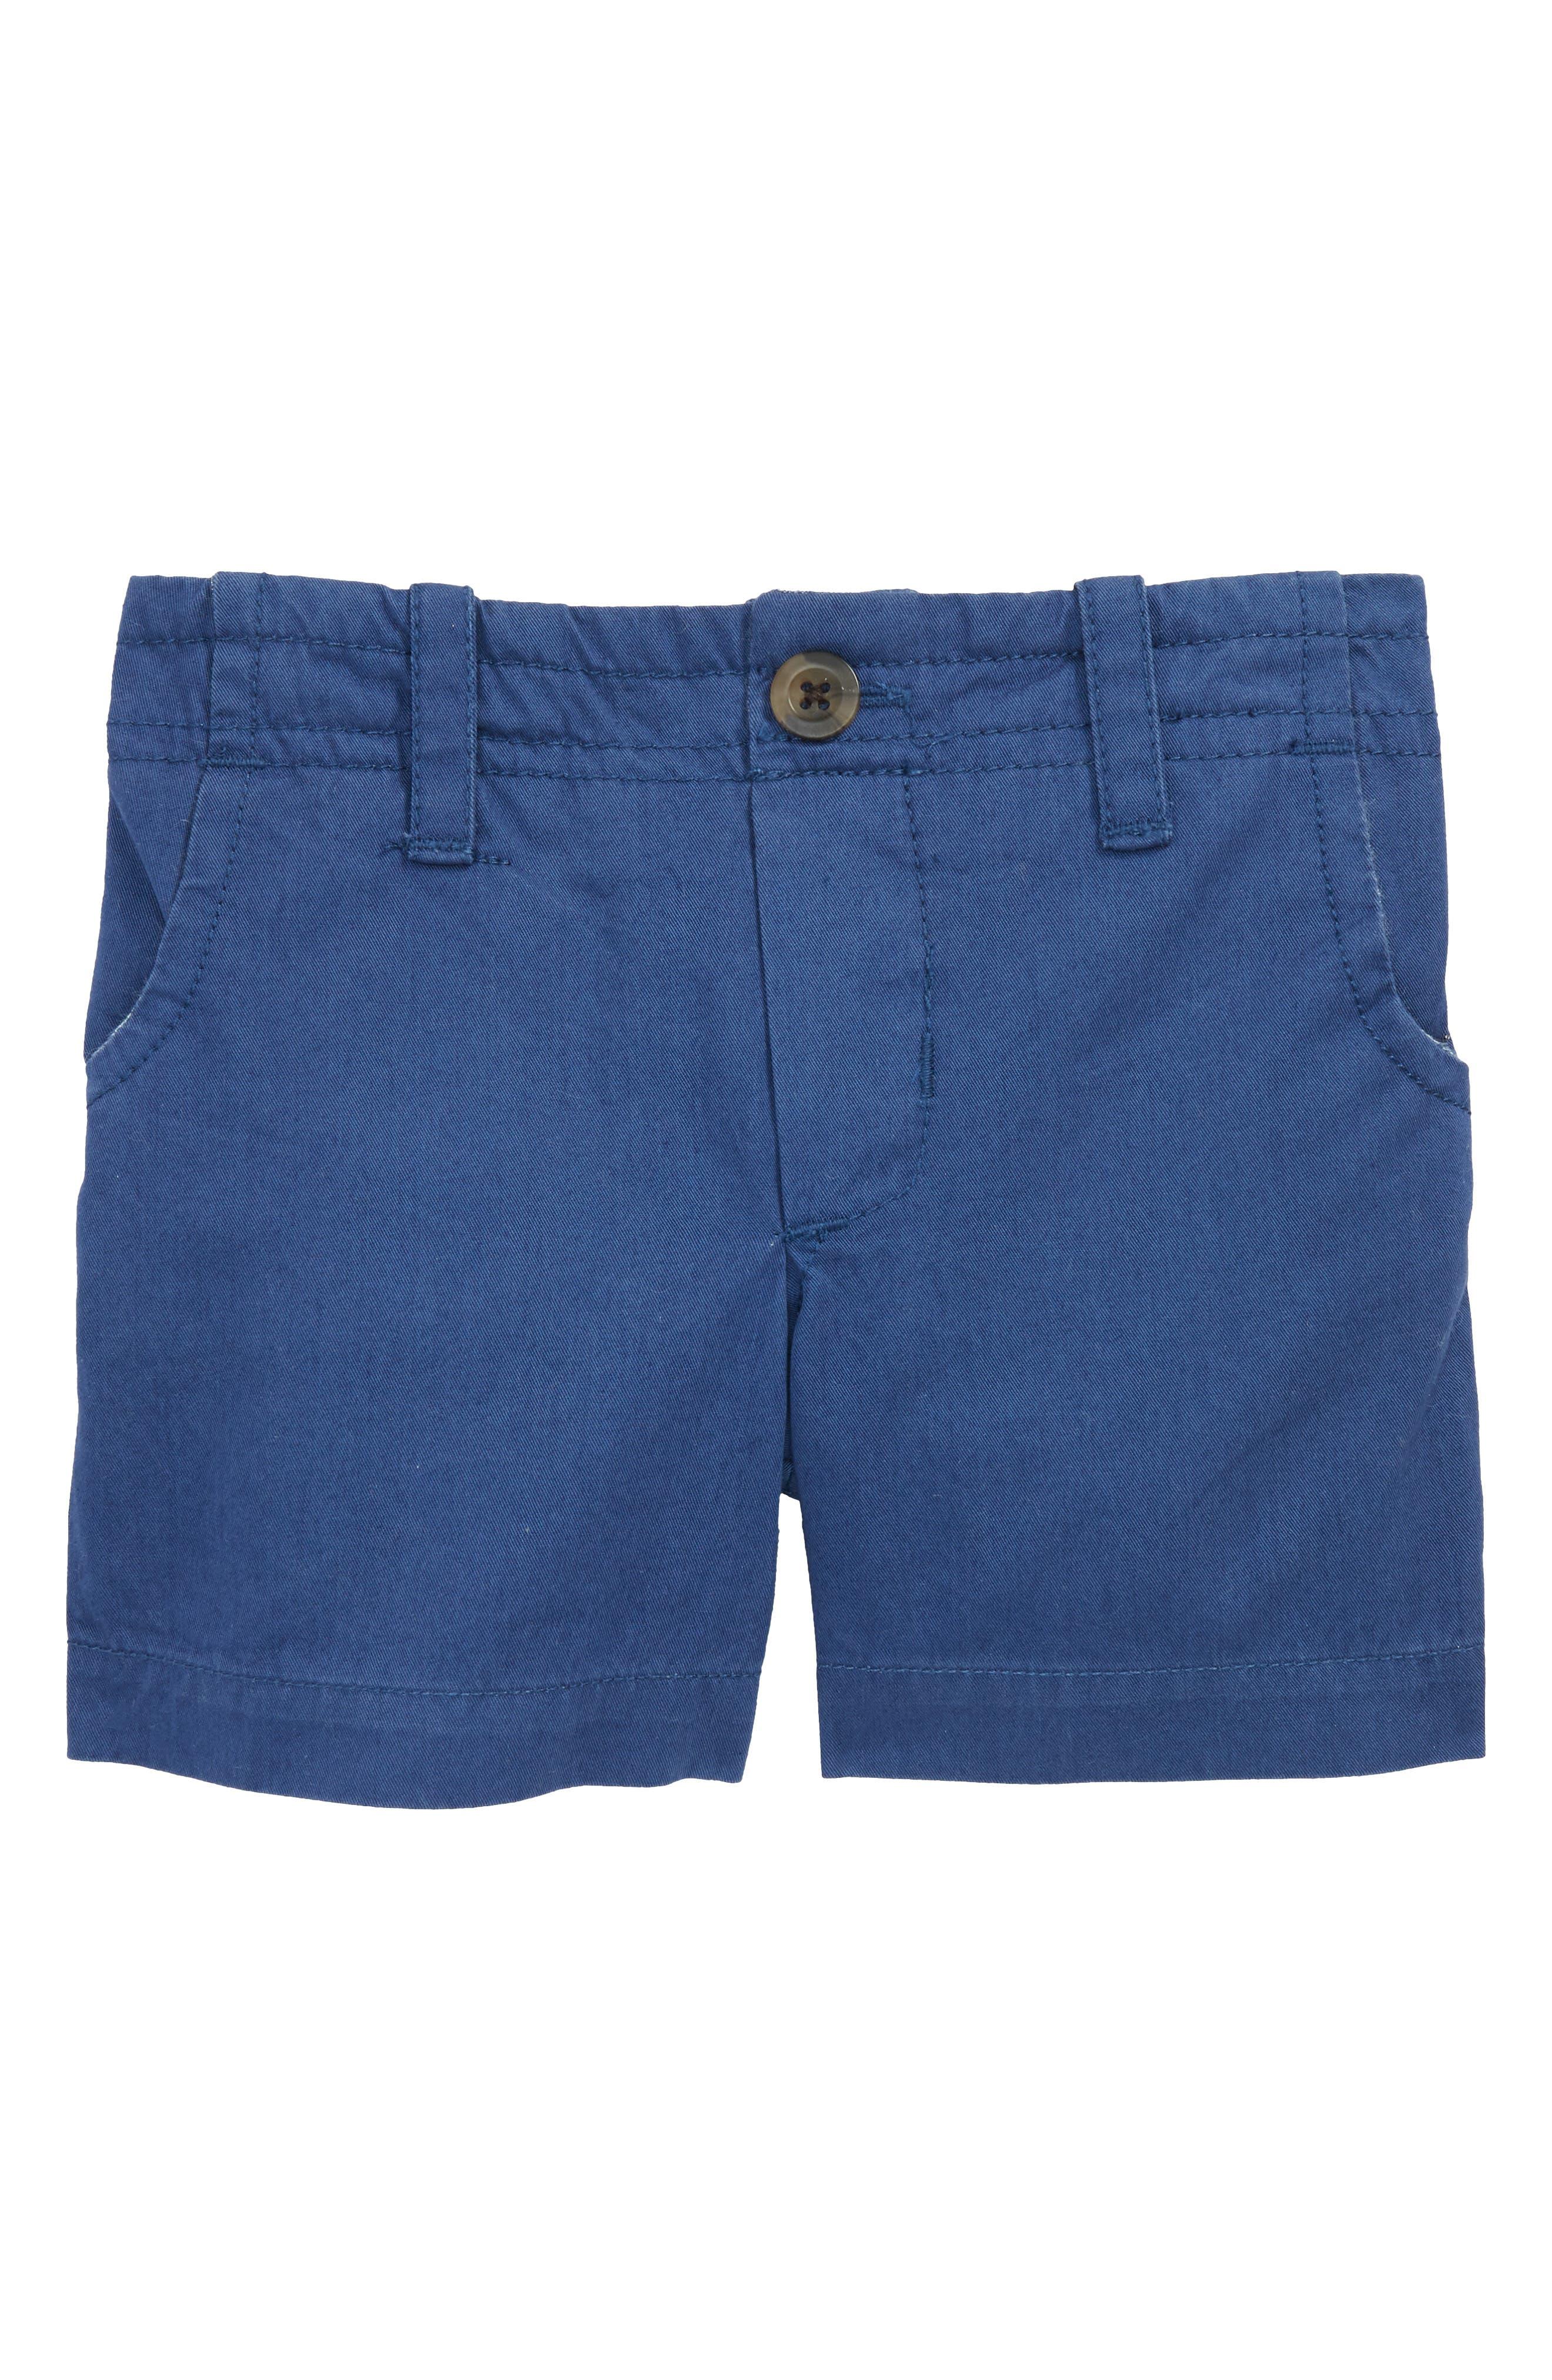 Hudson Shorts,                         Main,                         color,